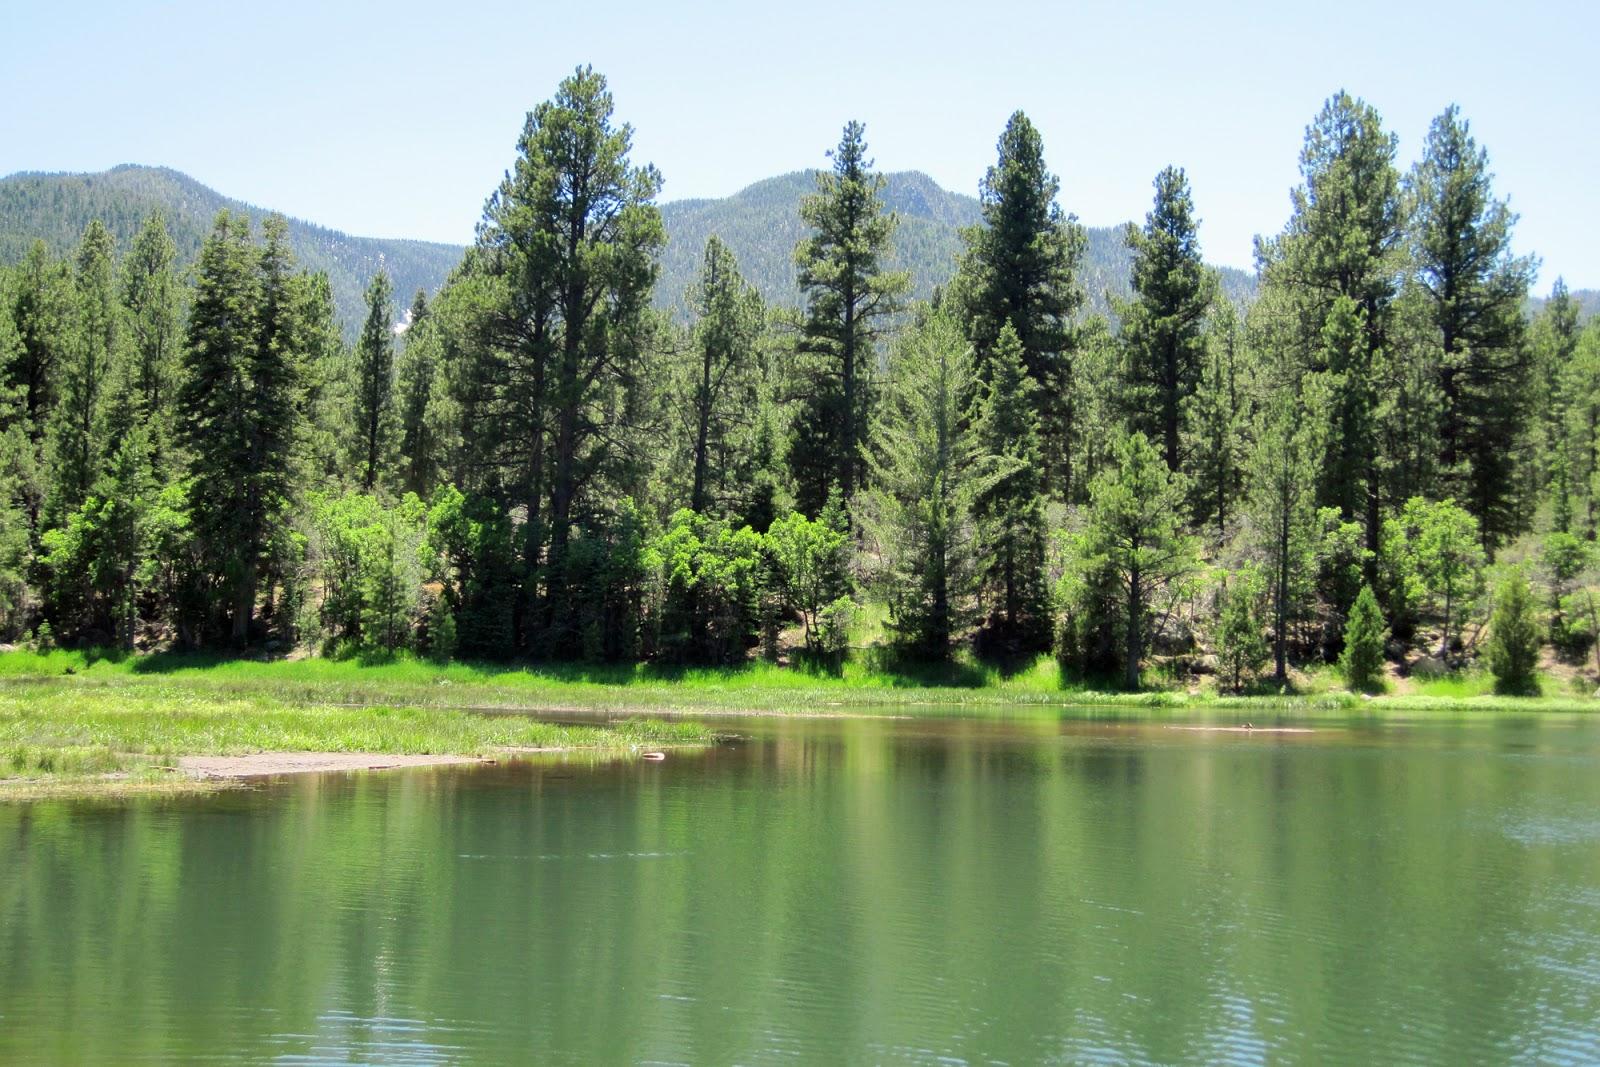 FisherDad: Pine Valley, Utah